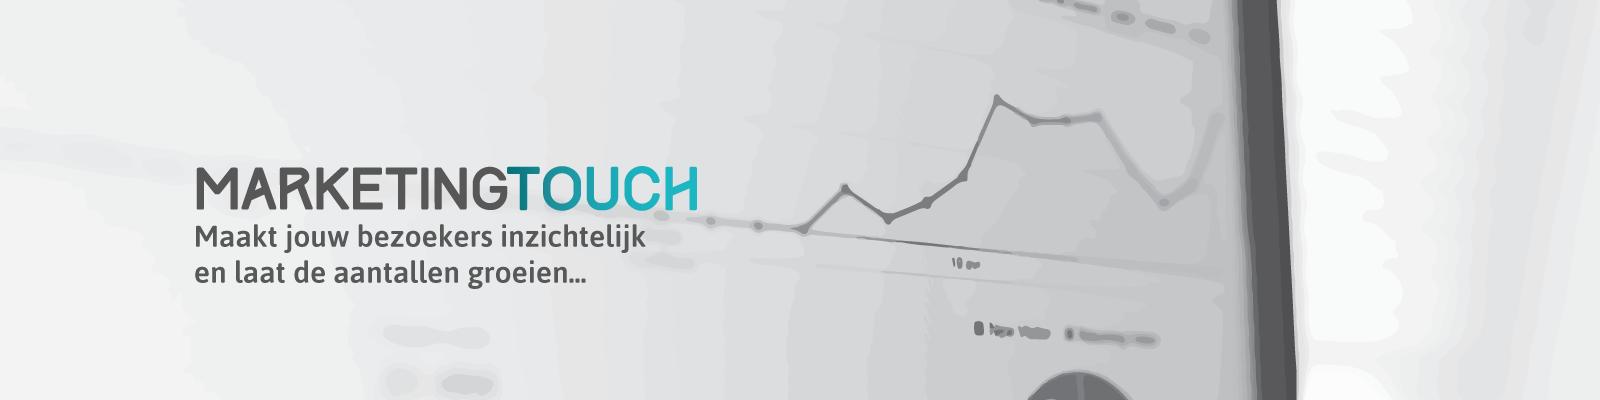 MarketingTouch-laat-jouw-bezoekers-aantallen-groeien-grijs